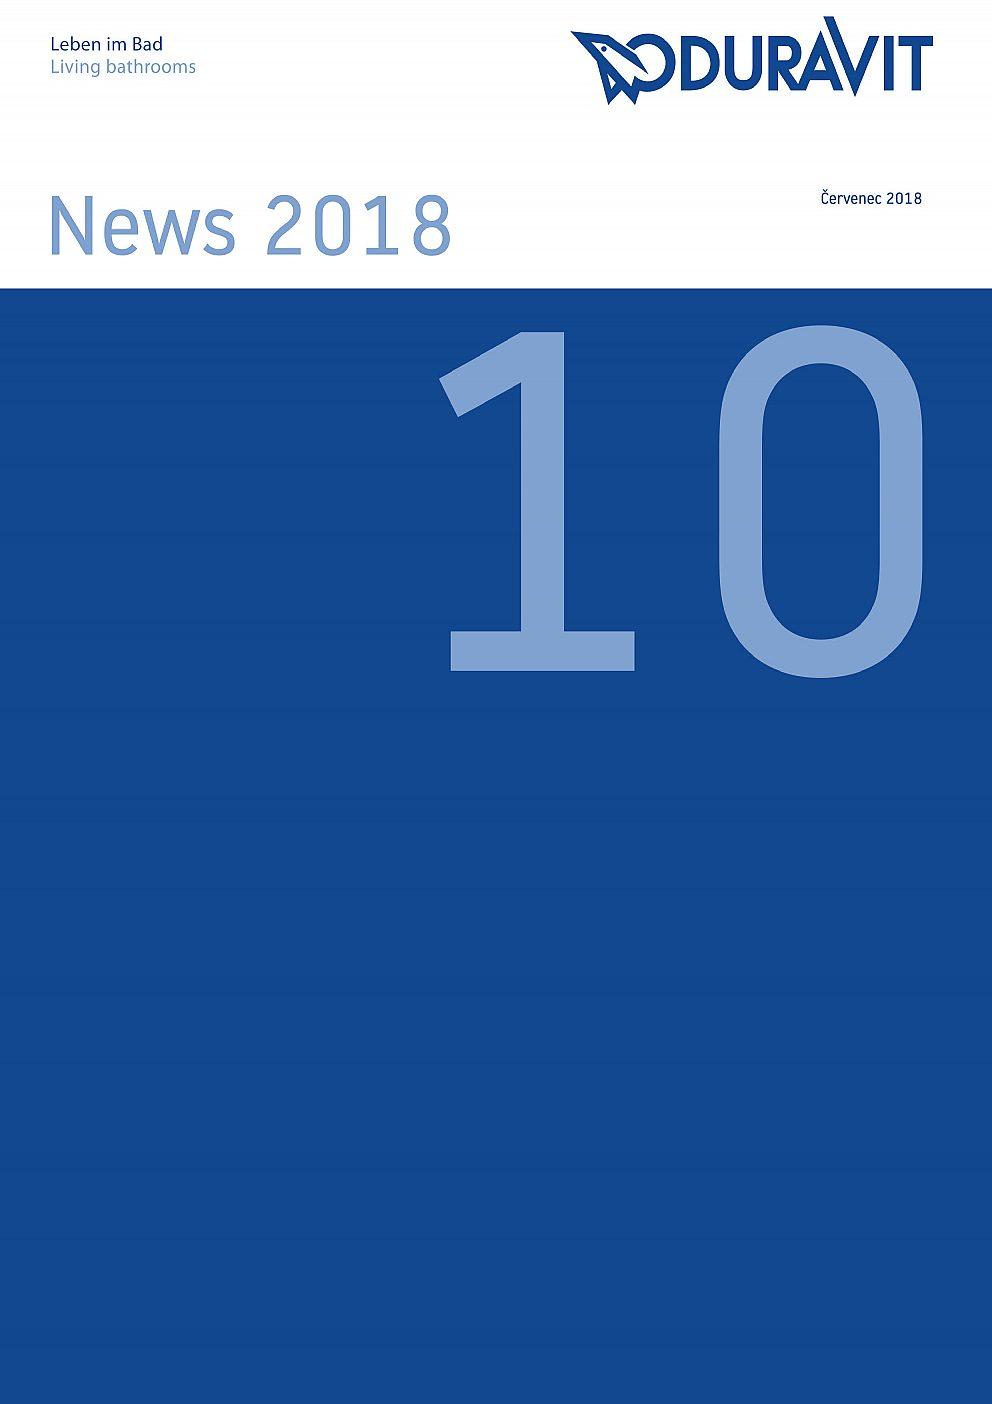 Duravit - Novinky 2018